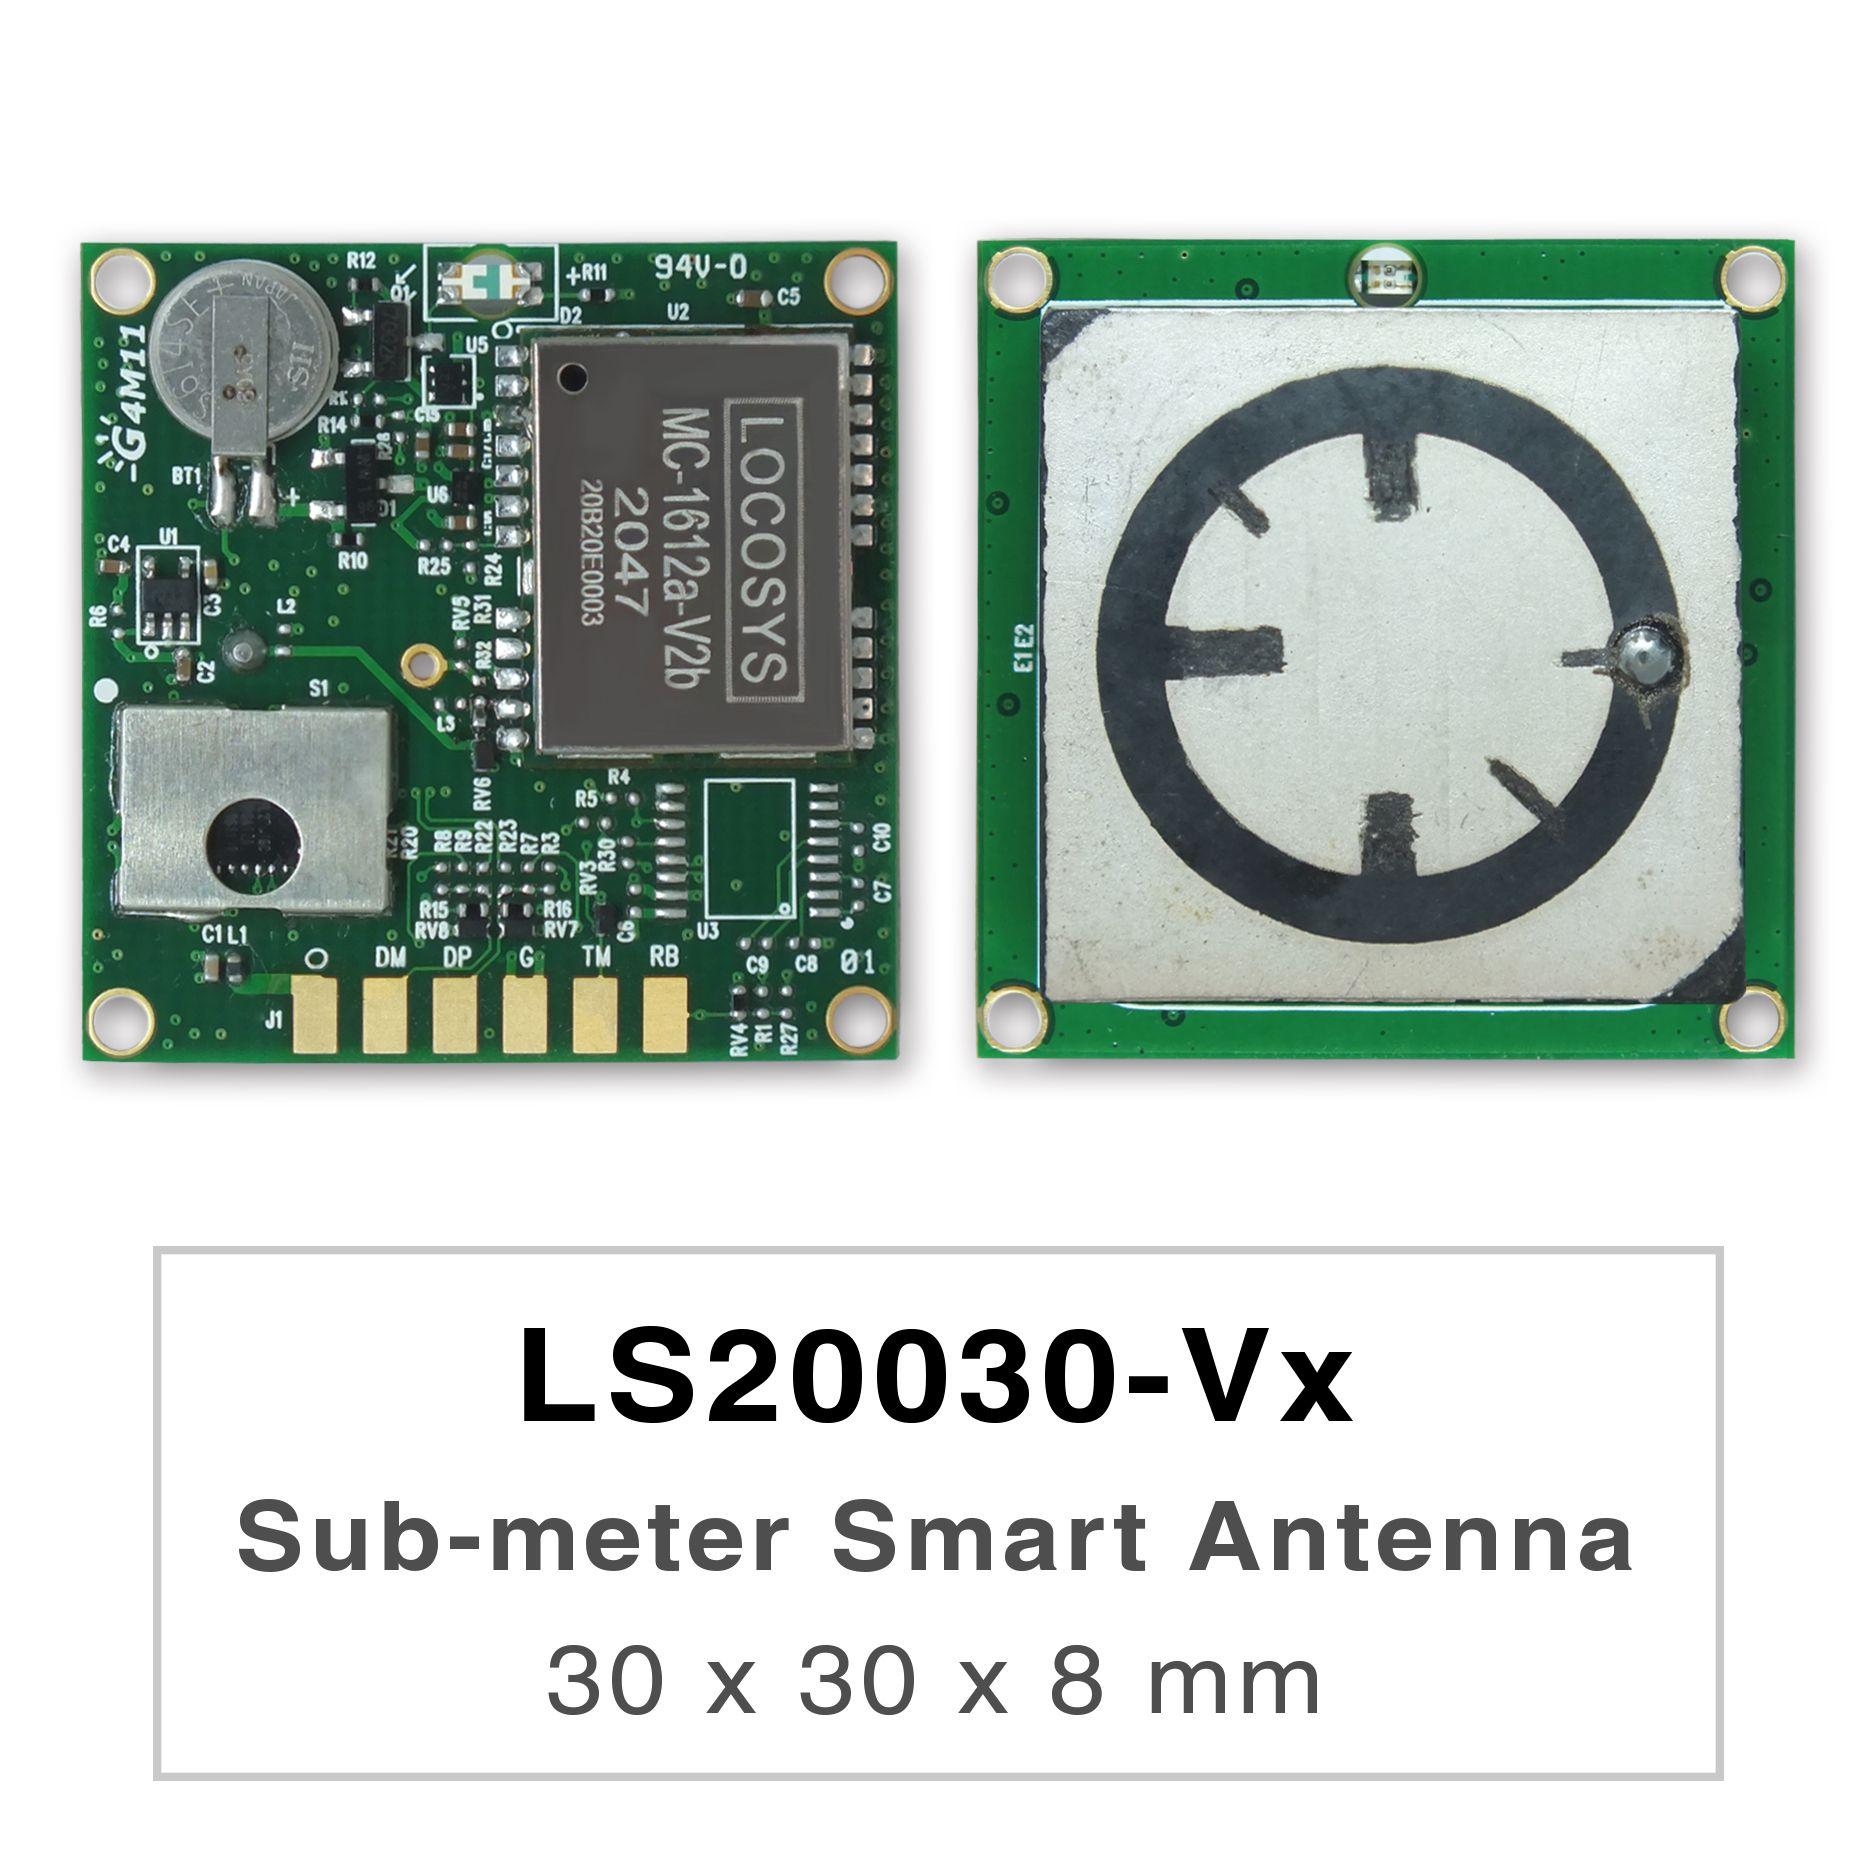 LS2003x-Vxシリーズ製品は<br />、組み込みアンテナとGNSS受信機回路を含む高性能デュアルバンドGNSSスマートアンテナモジュールであり 、幅広いOEM<br />システムアプリケーション向けに設計されてい ます。